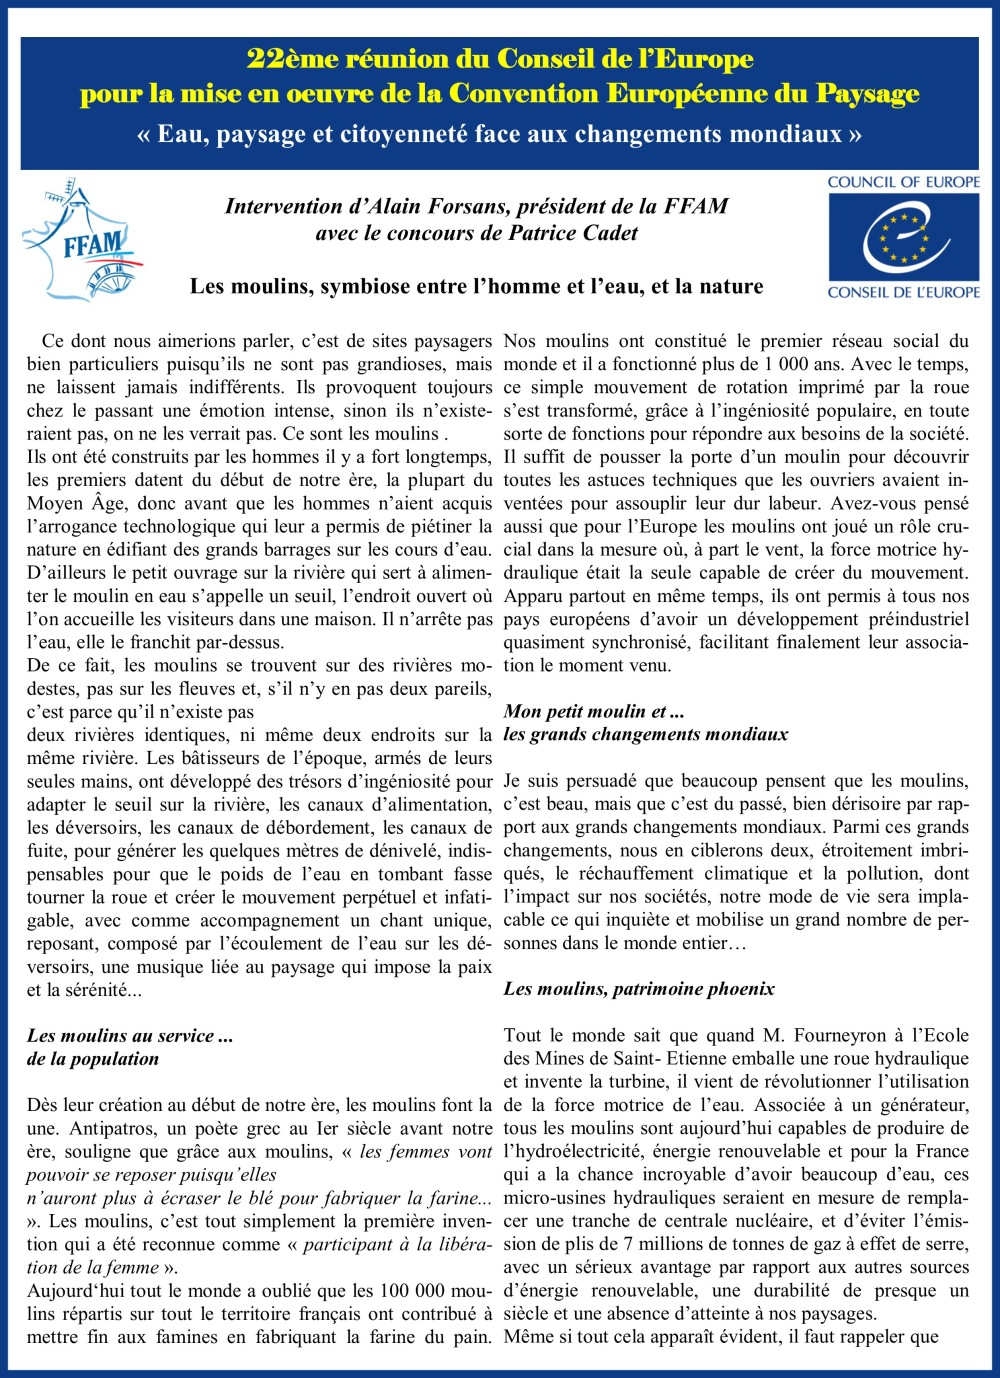 Discours Alain Forsans Conseil de l'Europe page 1